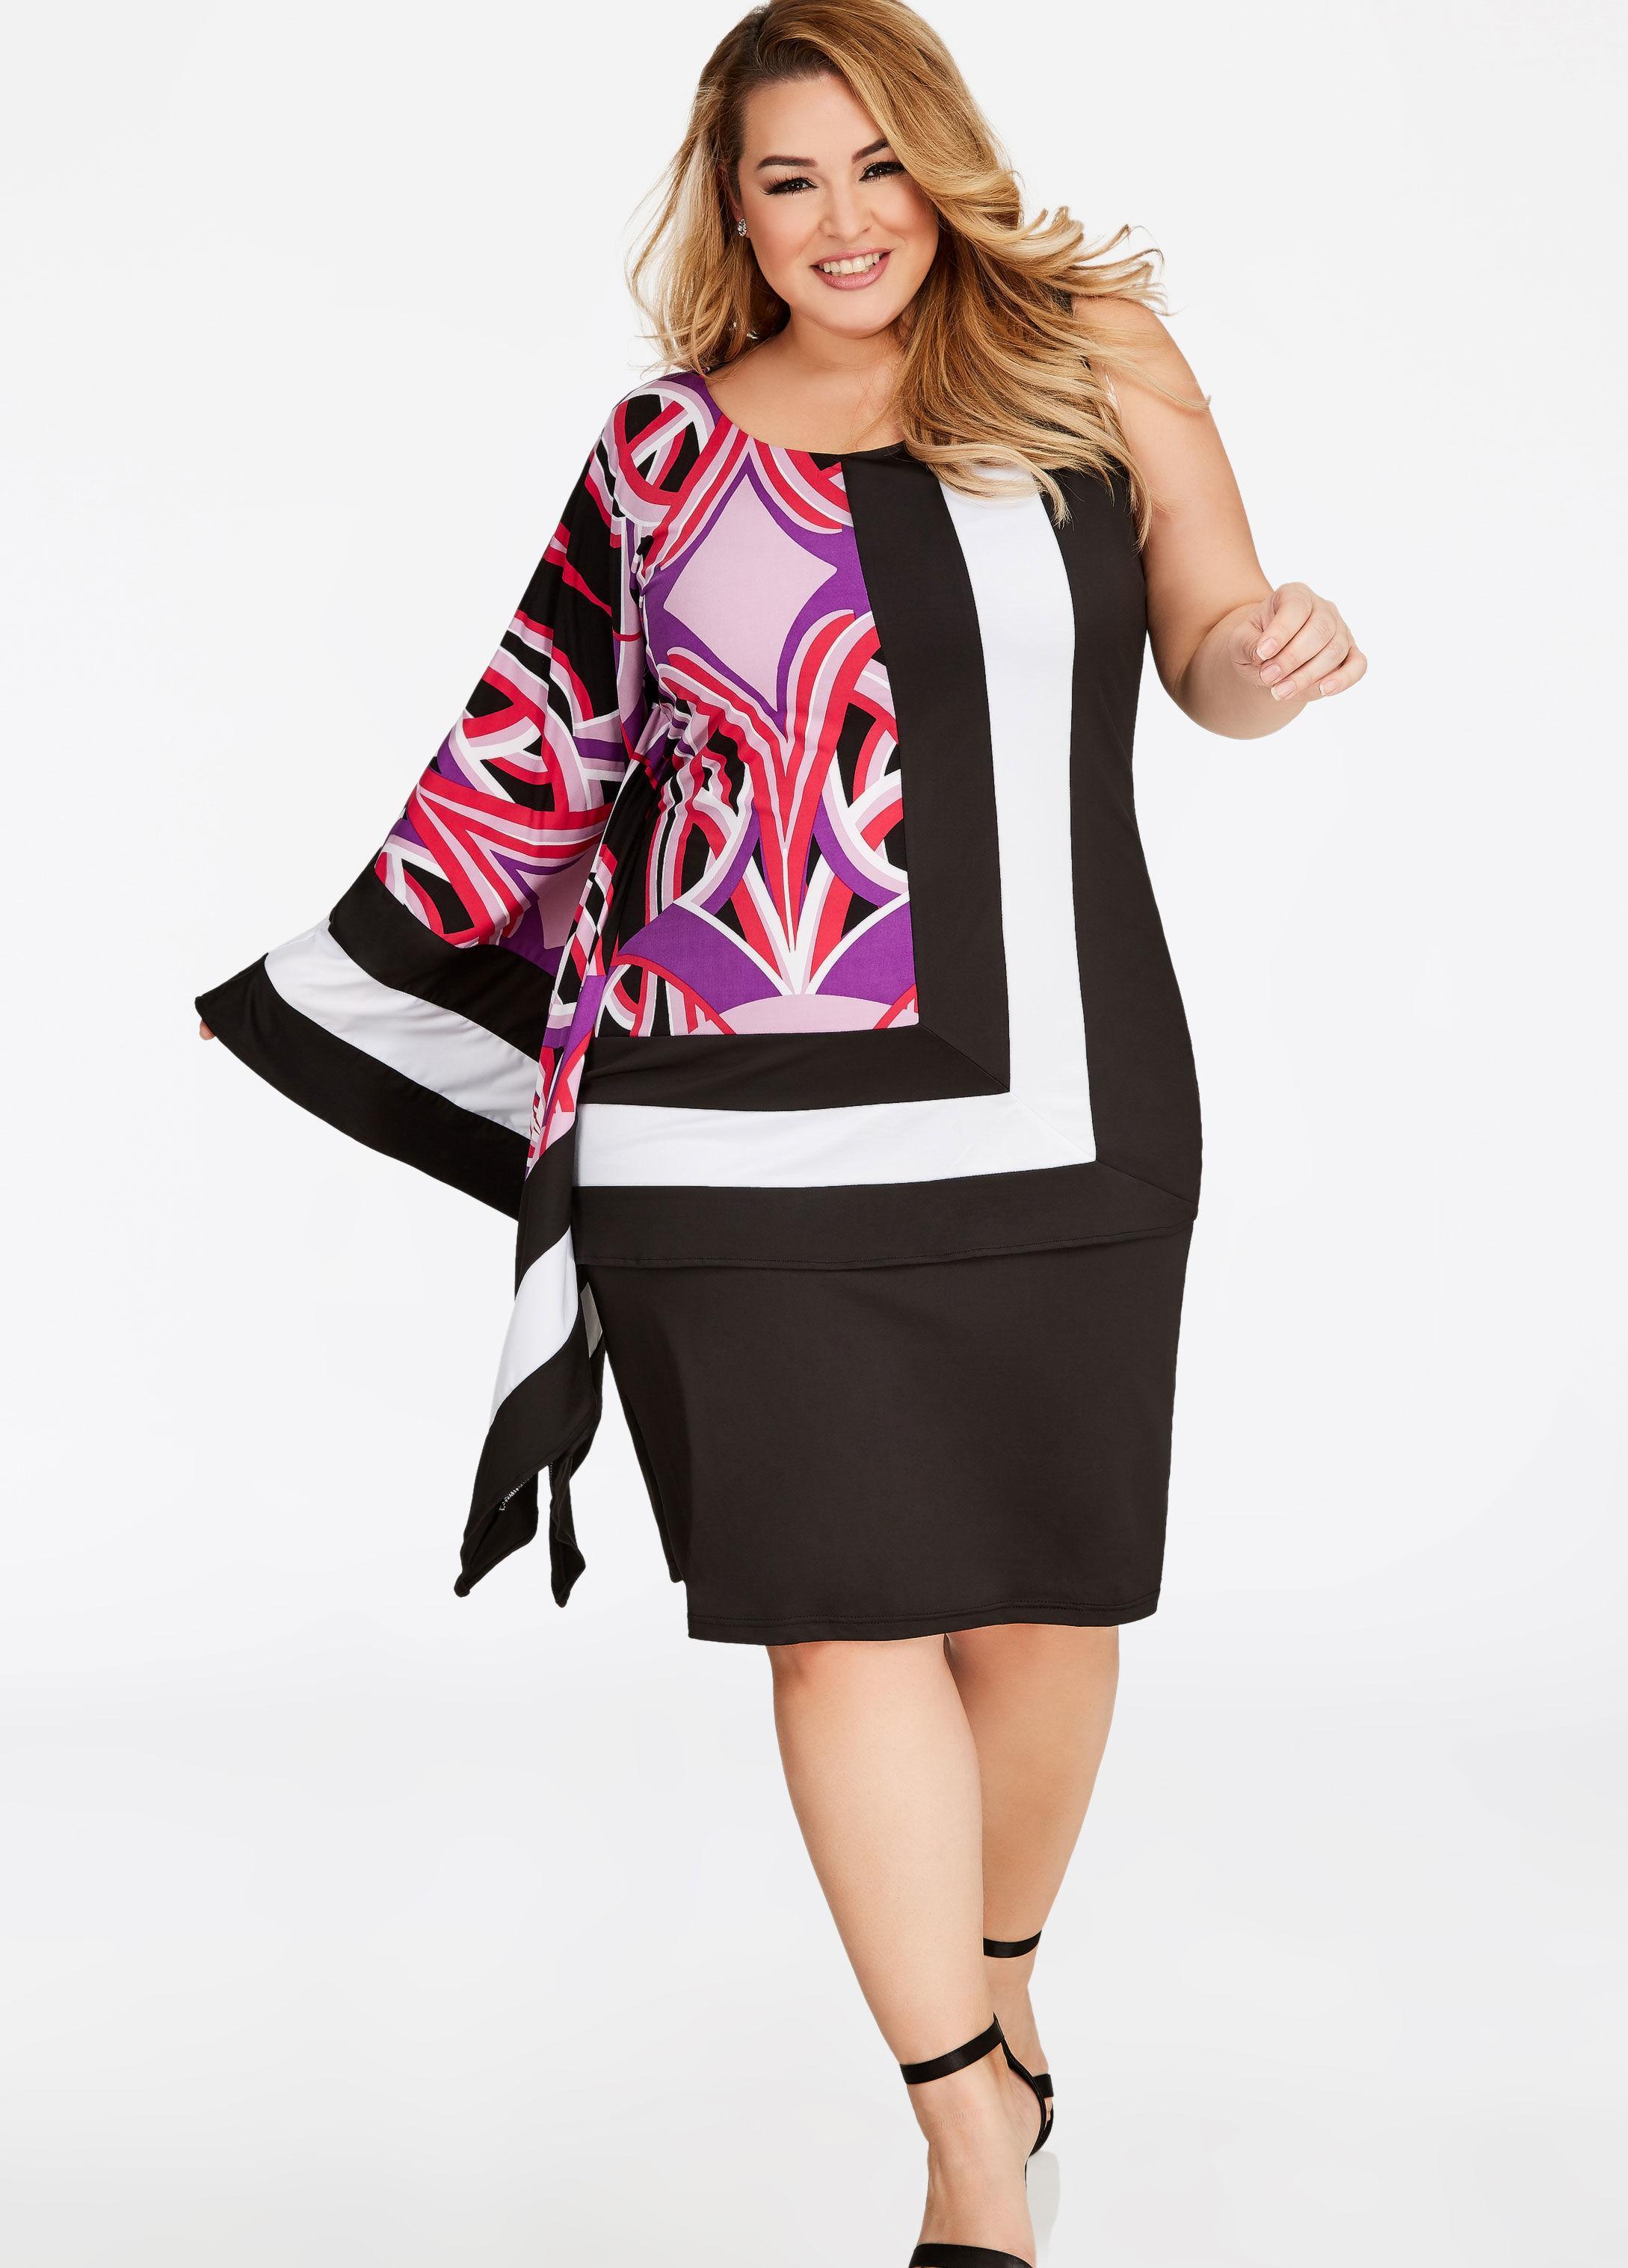 cc13087816d Ashley Stewart One Sleeve Scarf Print Dress in Black - Lyst